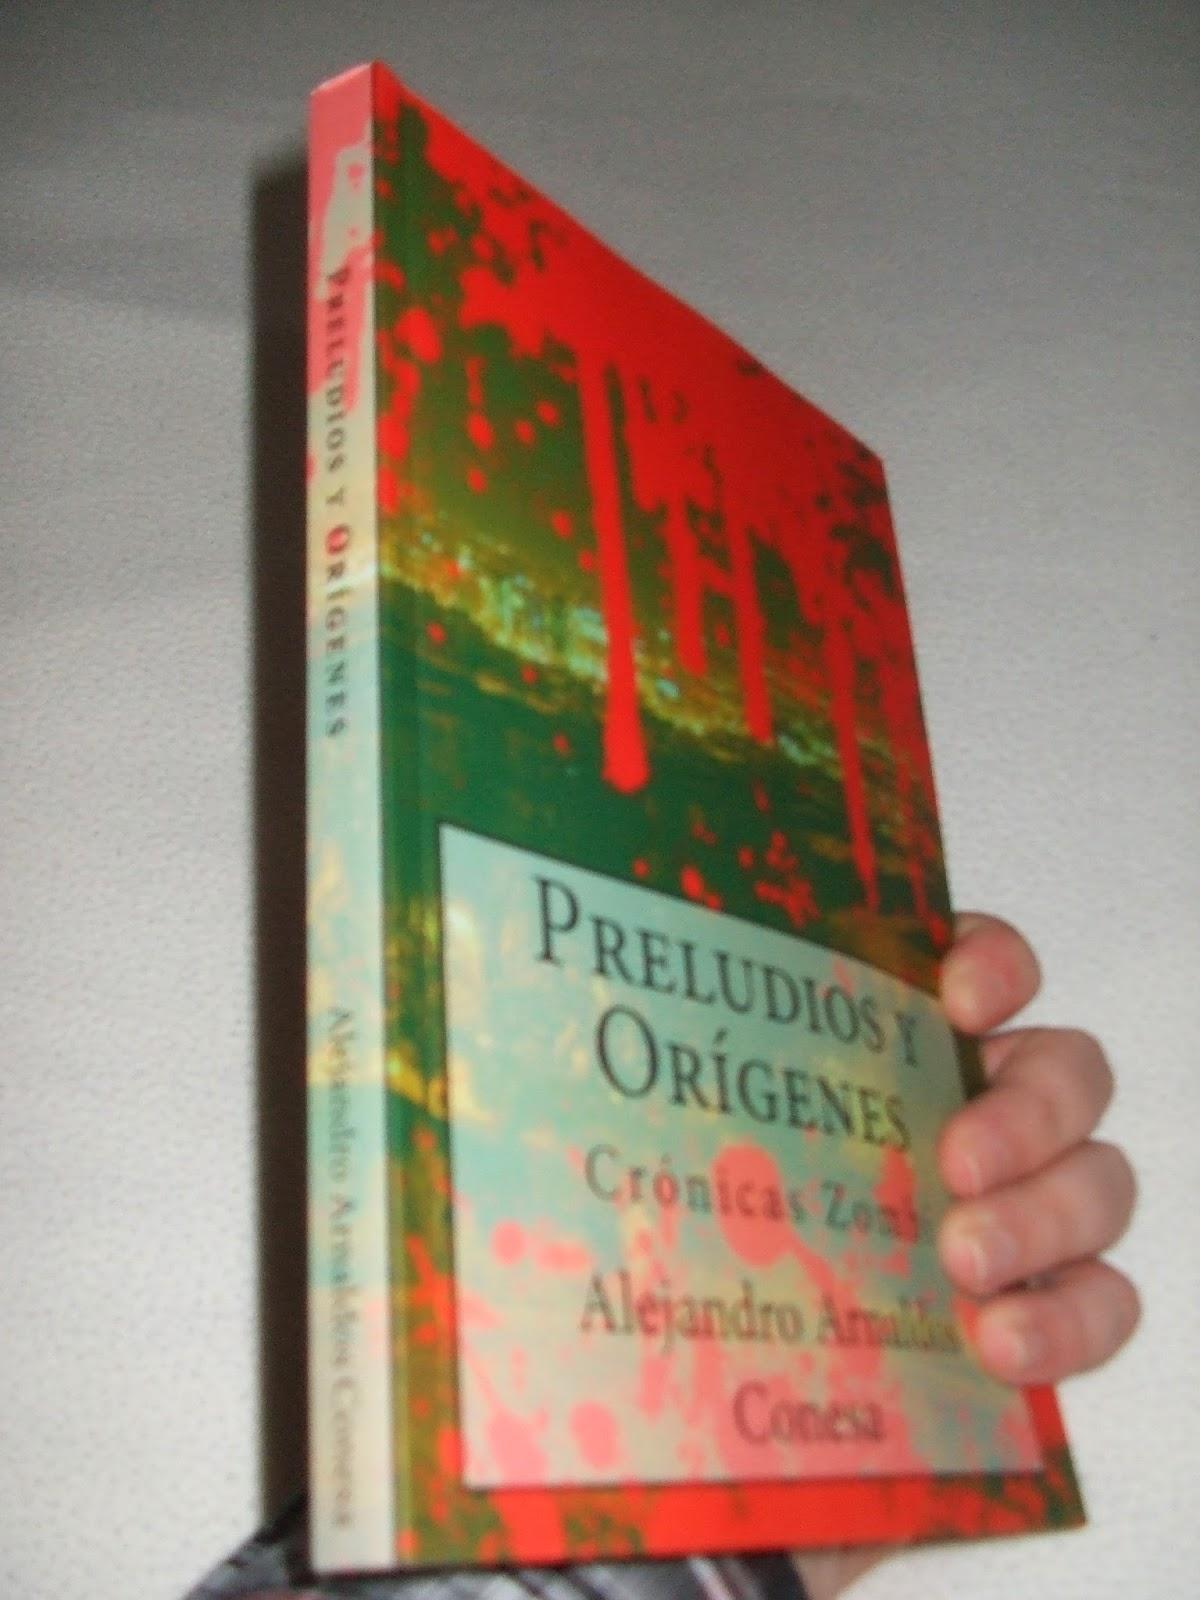 http://www.amazon.es/Preludios-Or%C3%ADgenes-Alejandor-Arnaldos-Conesa/dp/1499503431/ref=tmm_pap_title_0?ie=UTF8&qid=1372070195&sr=1-2